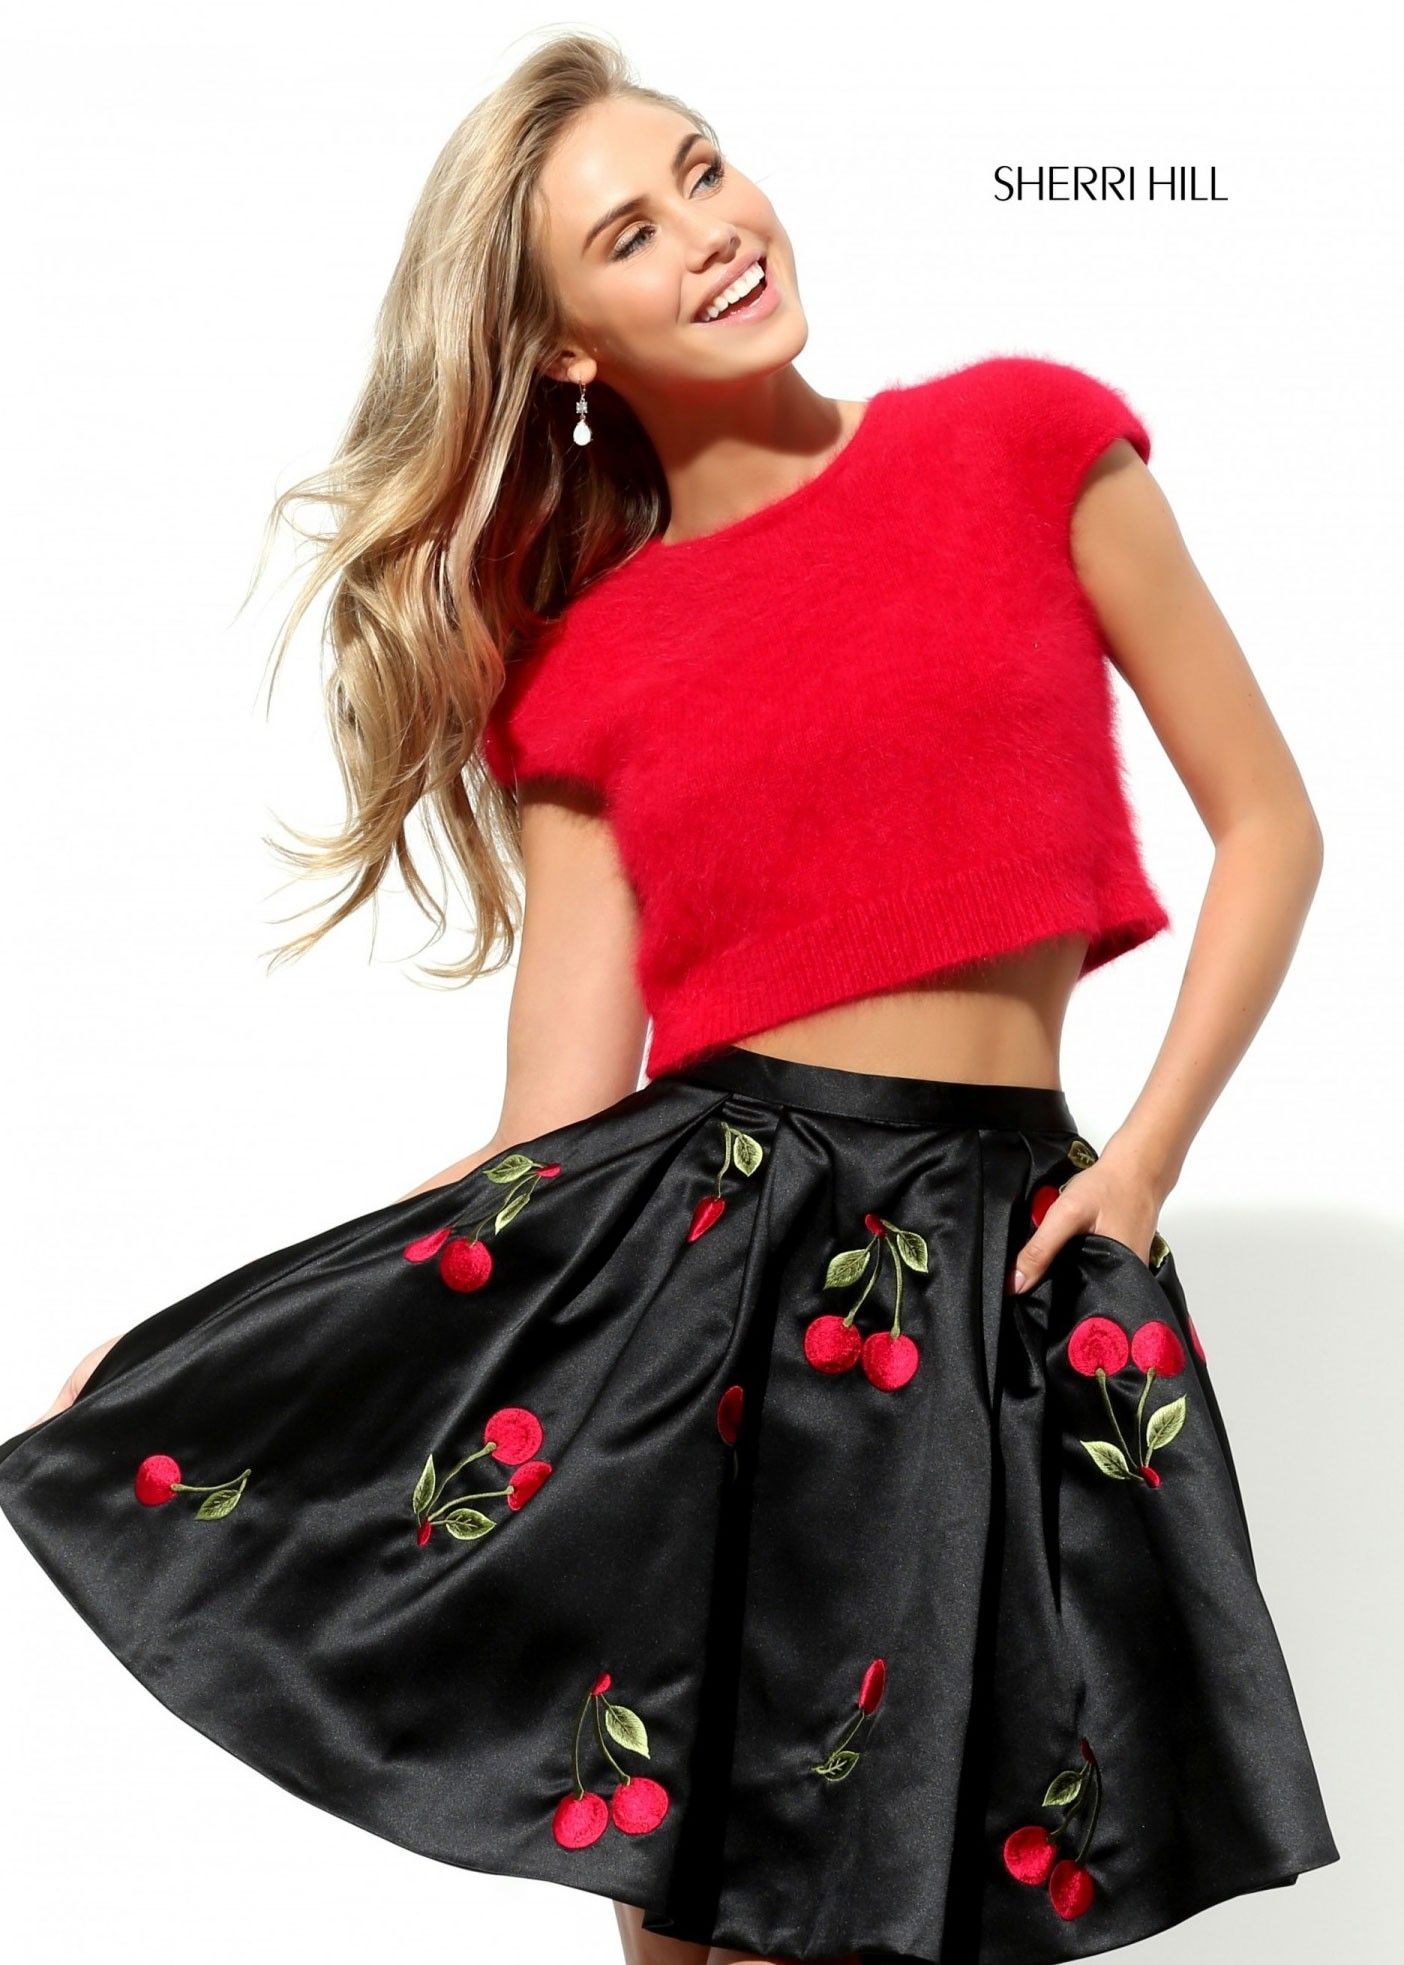 42d29f2f4ab Sherri Hill 50553 Two Piece Cherries Dress